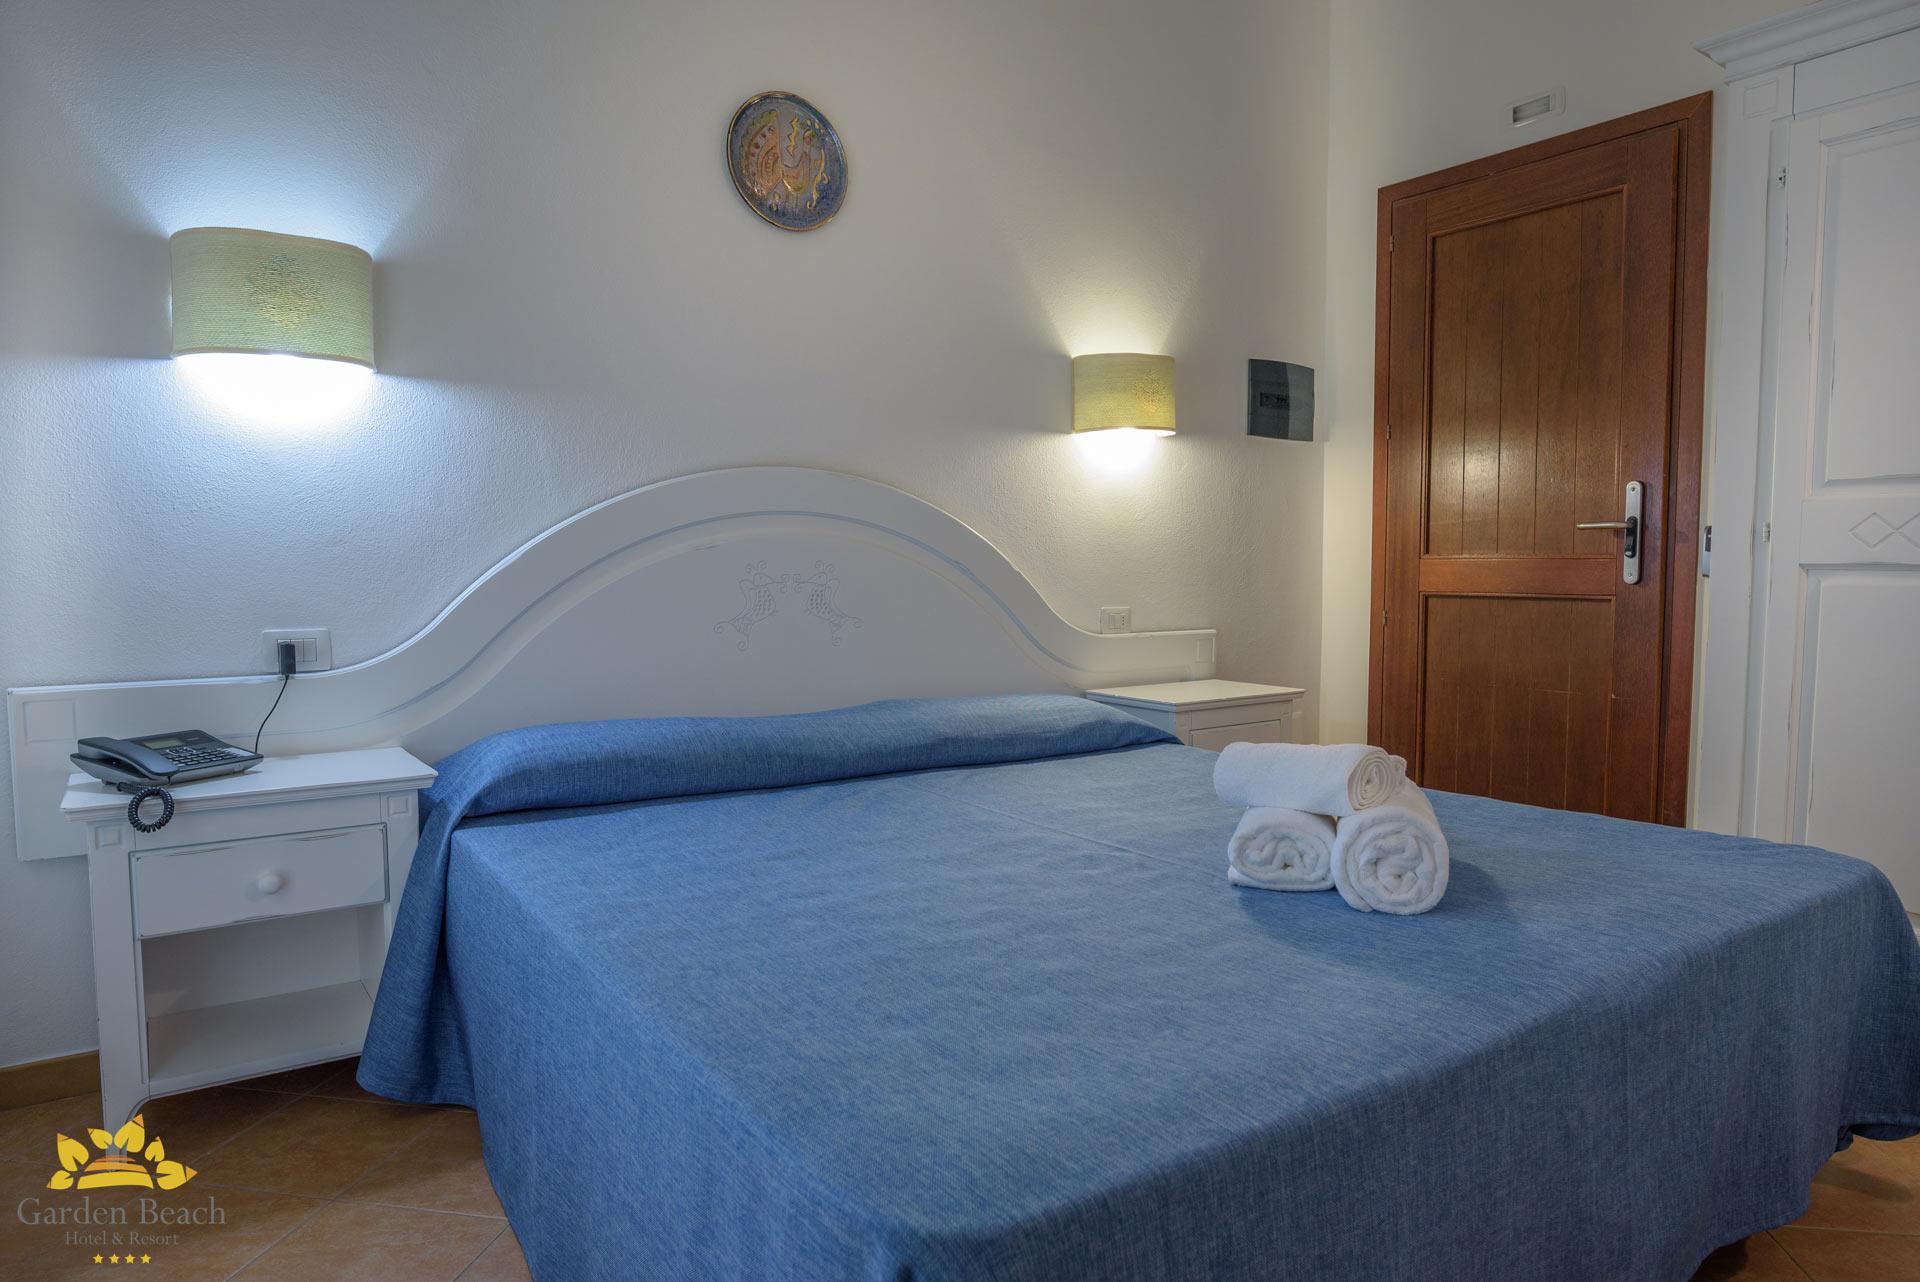 hotel-garden-beach---camere-classic-portafinestra (1)